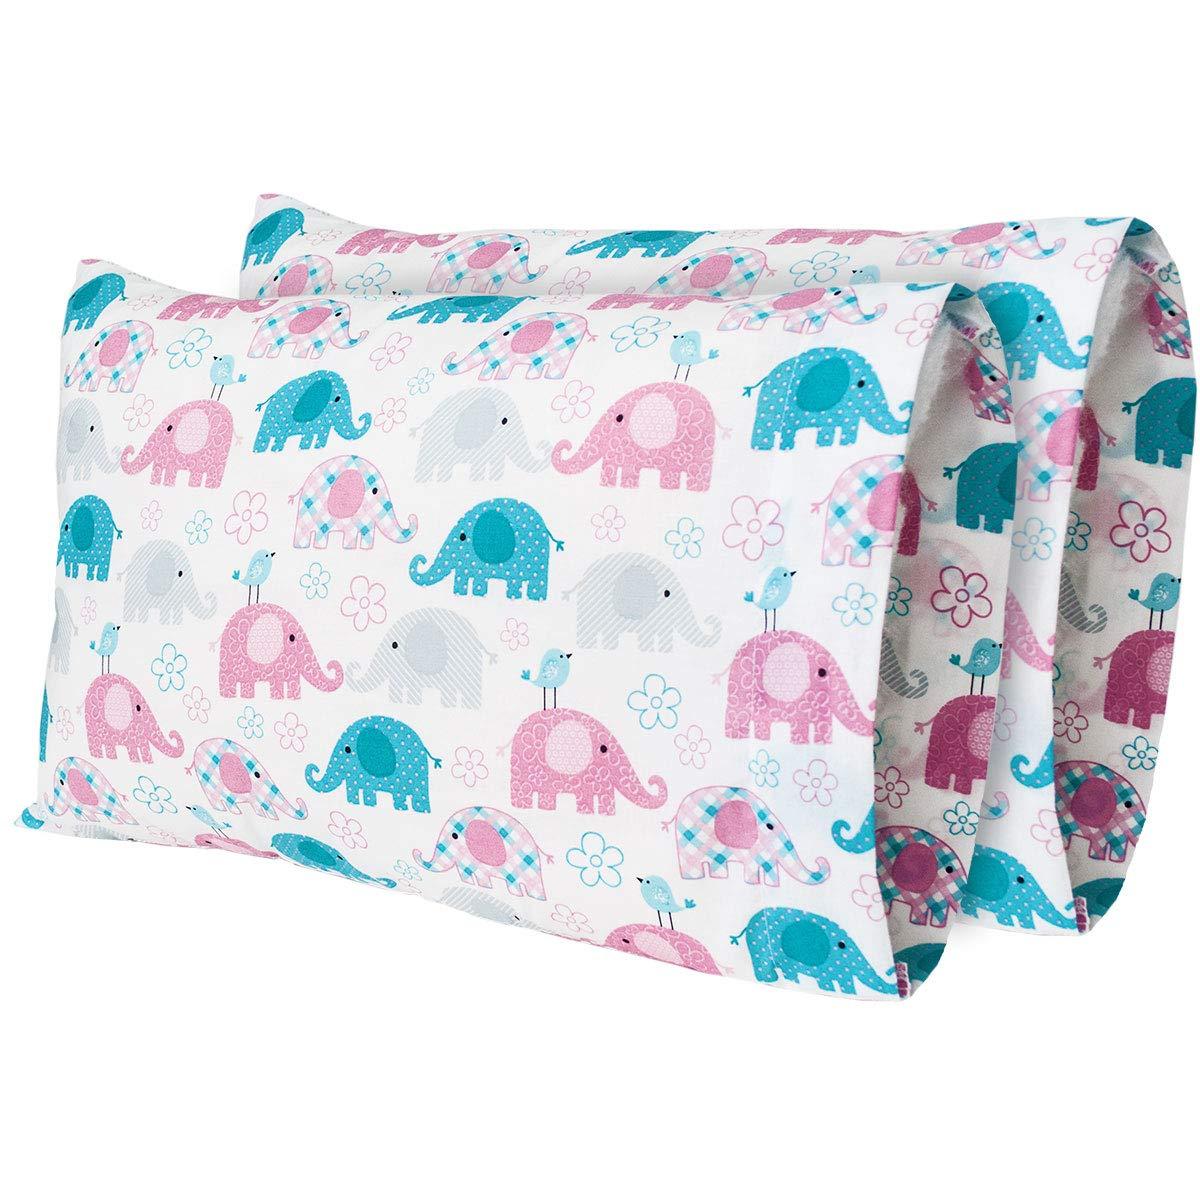 AB Lifestyles (2パック 12 x 18 300スレッドカウント 100%コットンプリントデザイントラベルピローケース MyPillow Go Anywhere 枕にフィット、トラベルサイズ、幼児サイズ枕カバー(米国製) 12x18 B07P9TYXYD Trunks Pastel